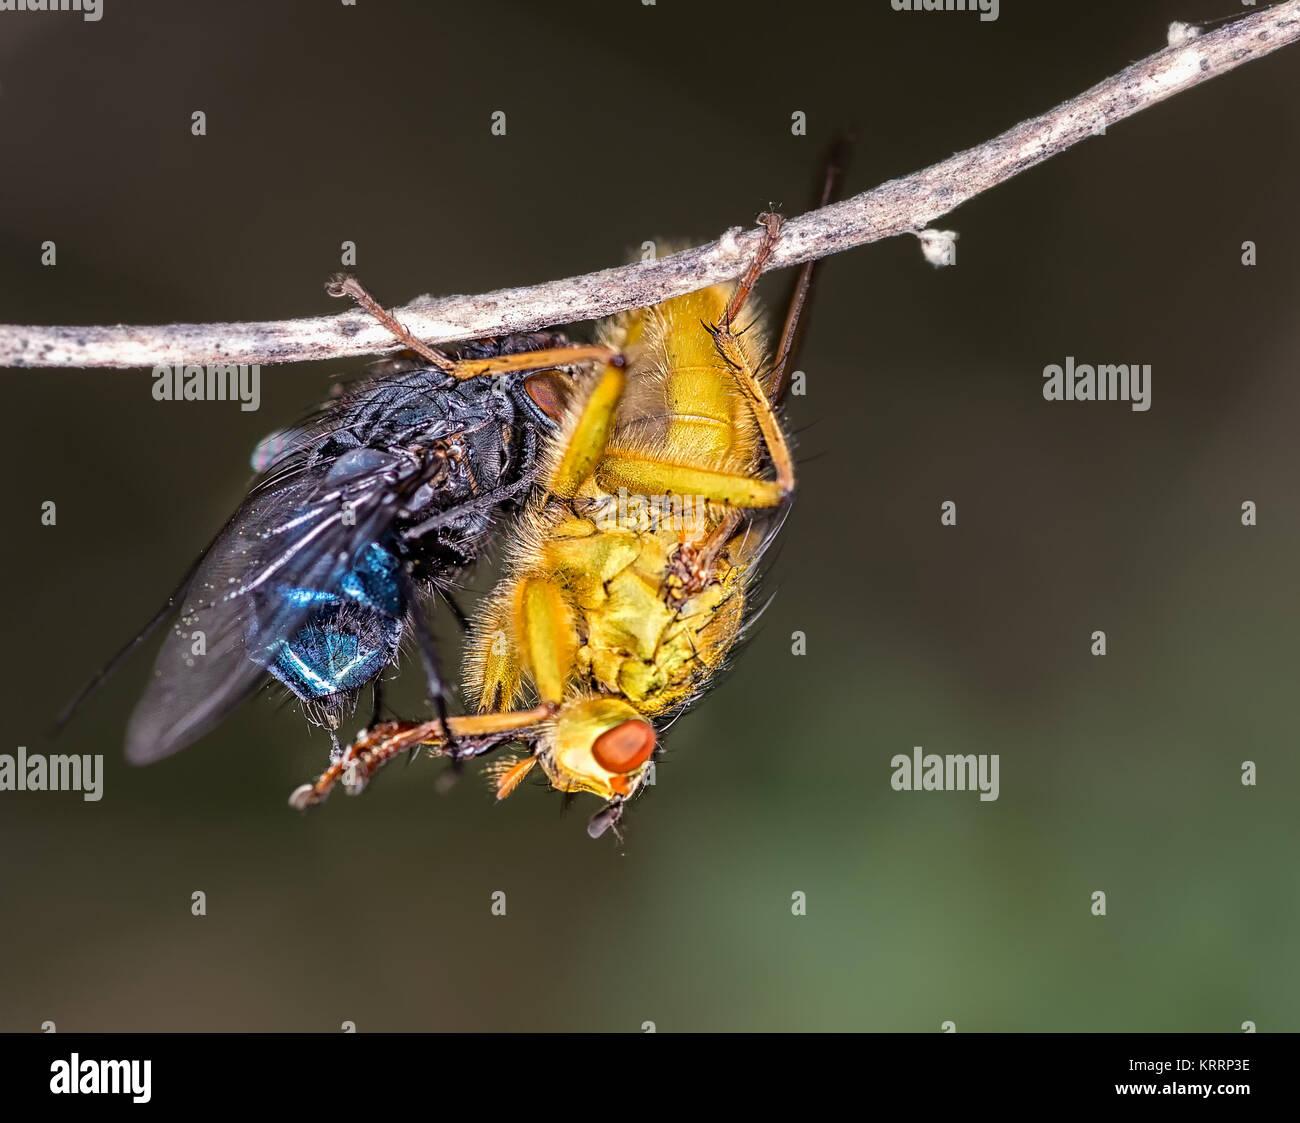 Los insectos fotografiados en su entorno natural. Foto de stock